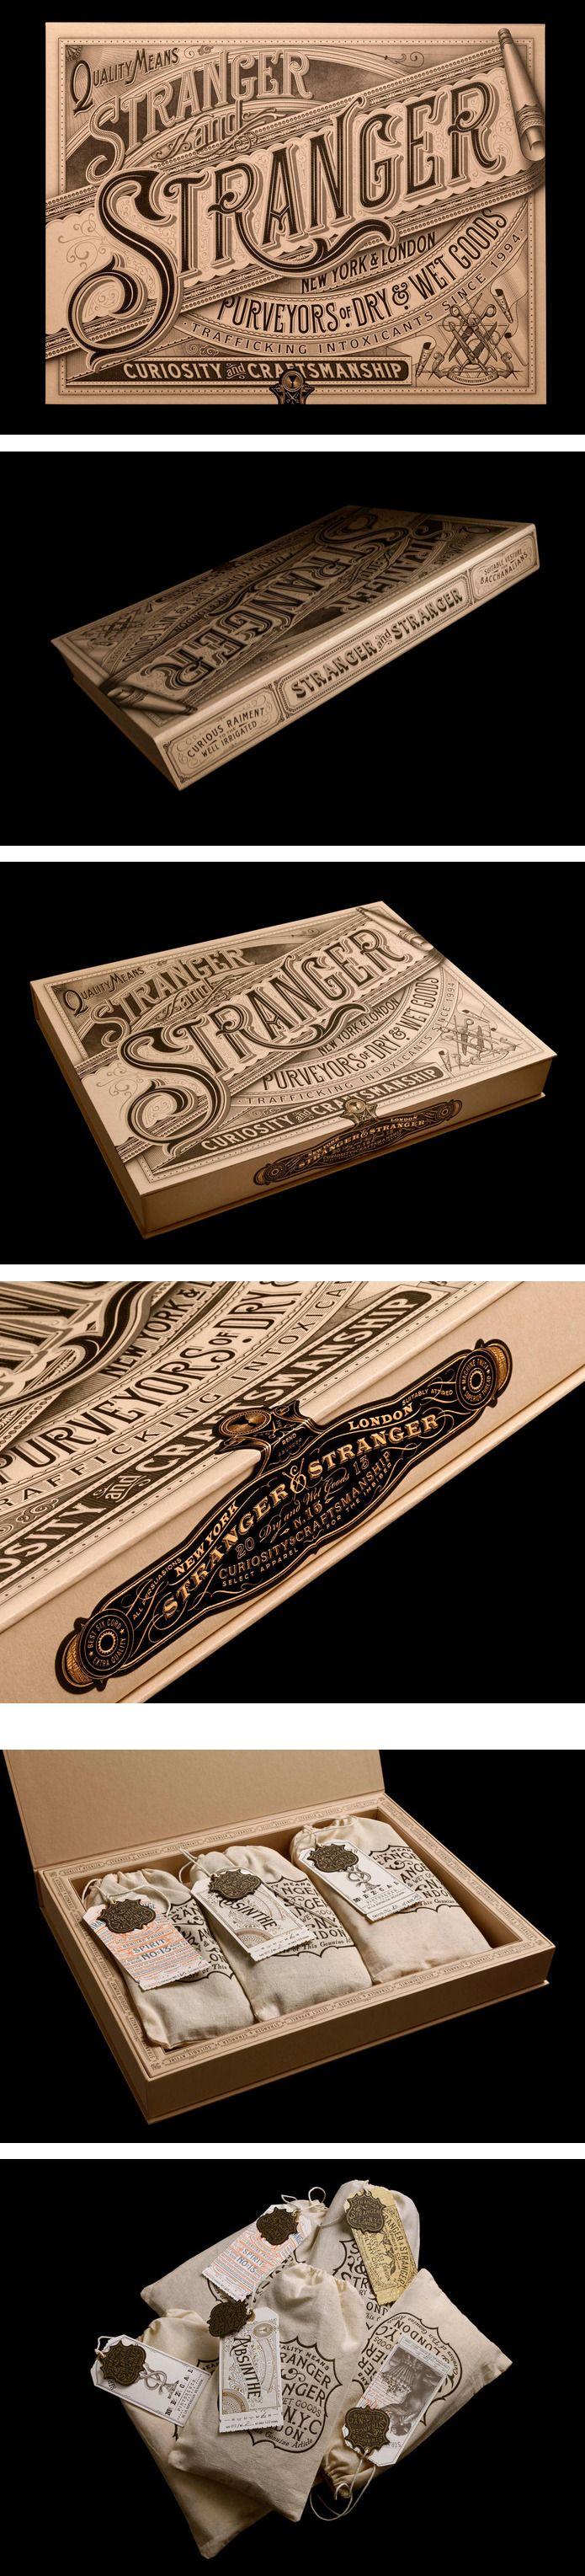 Stranger Xmas by Stranger & Stranger